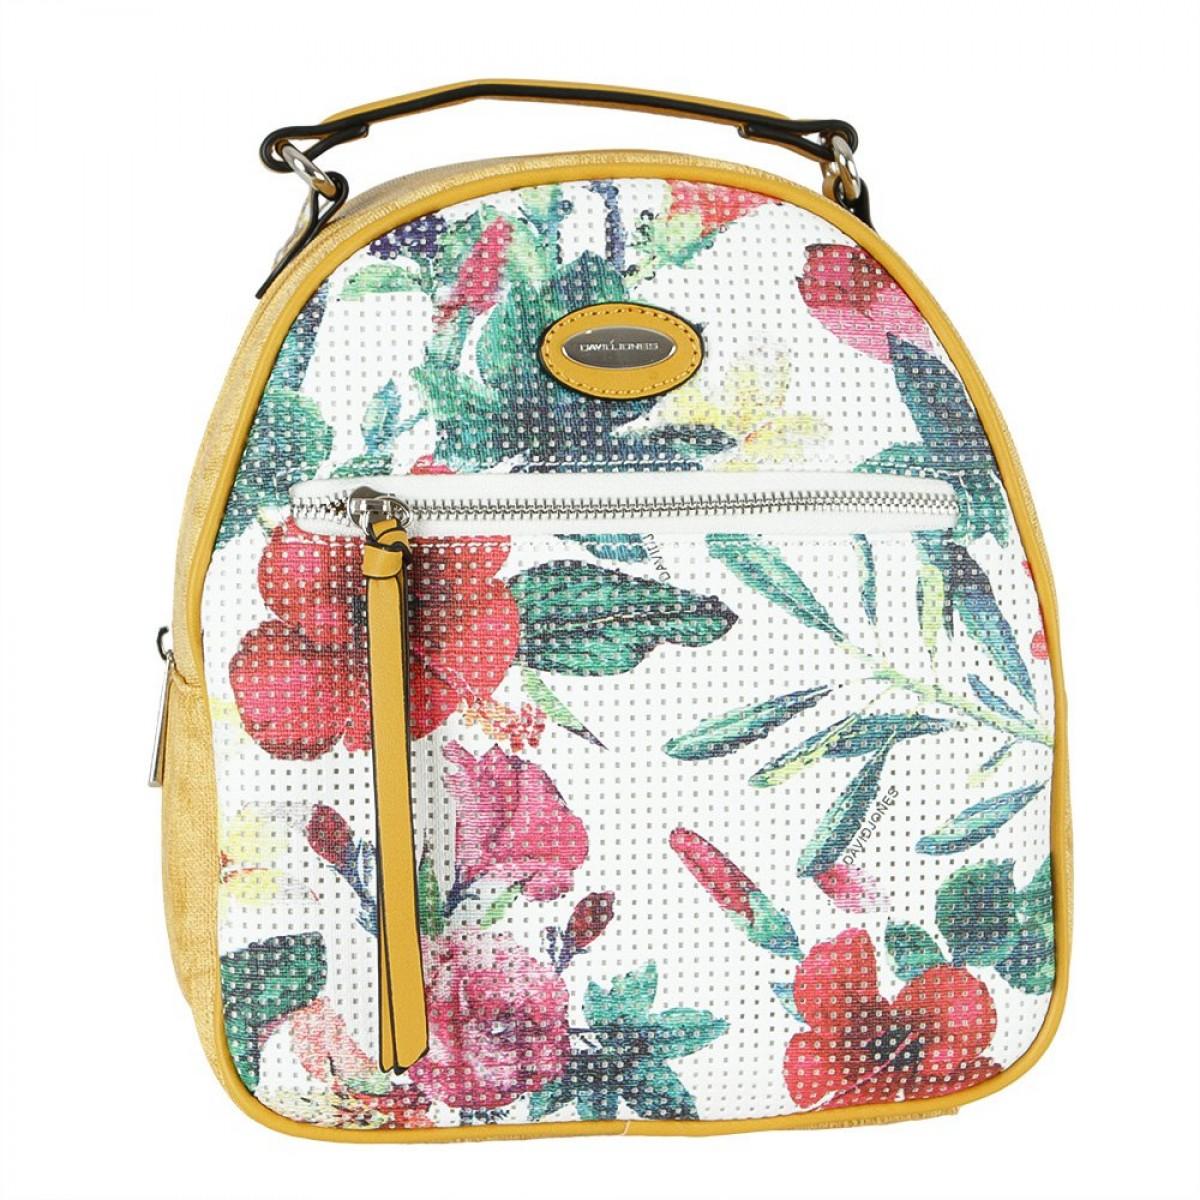 Жіночий рюкзак David Jones 6298-2 YELLOW